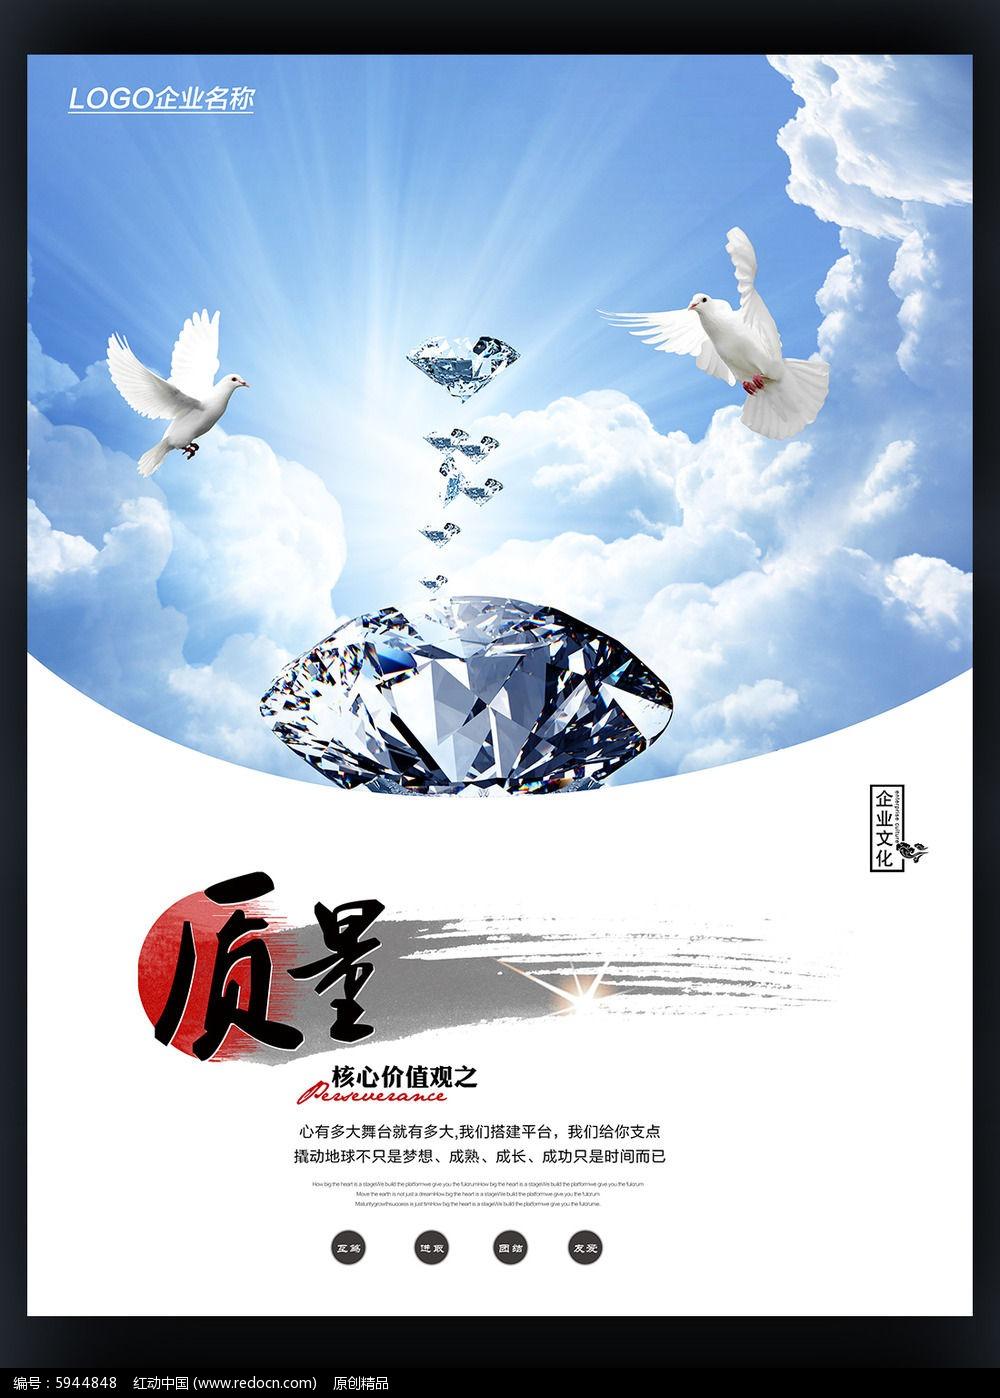 气绚丽企业文化质量展板设计素材下载 编号5944848 红动网图片